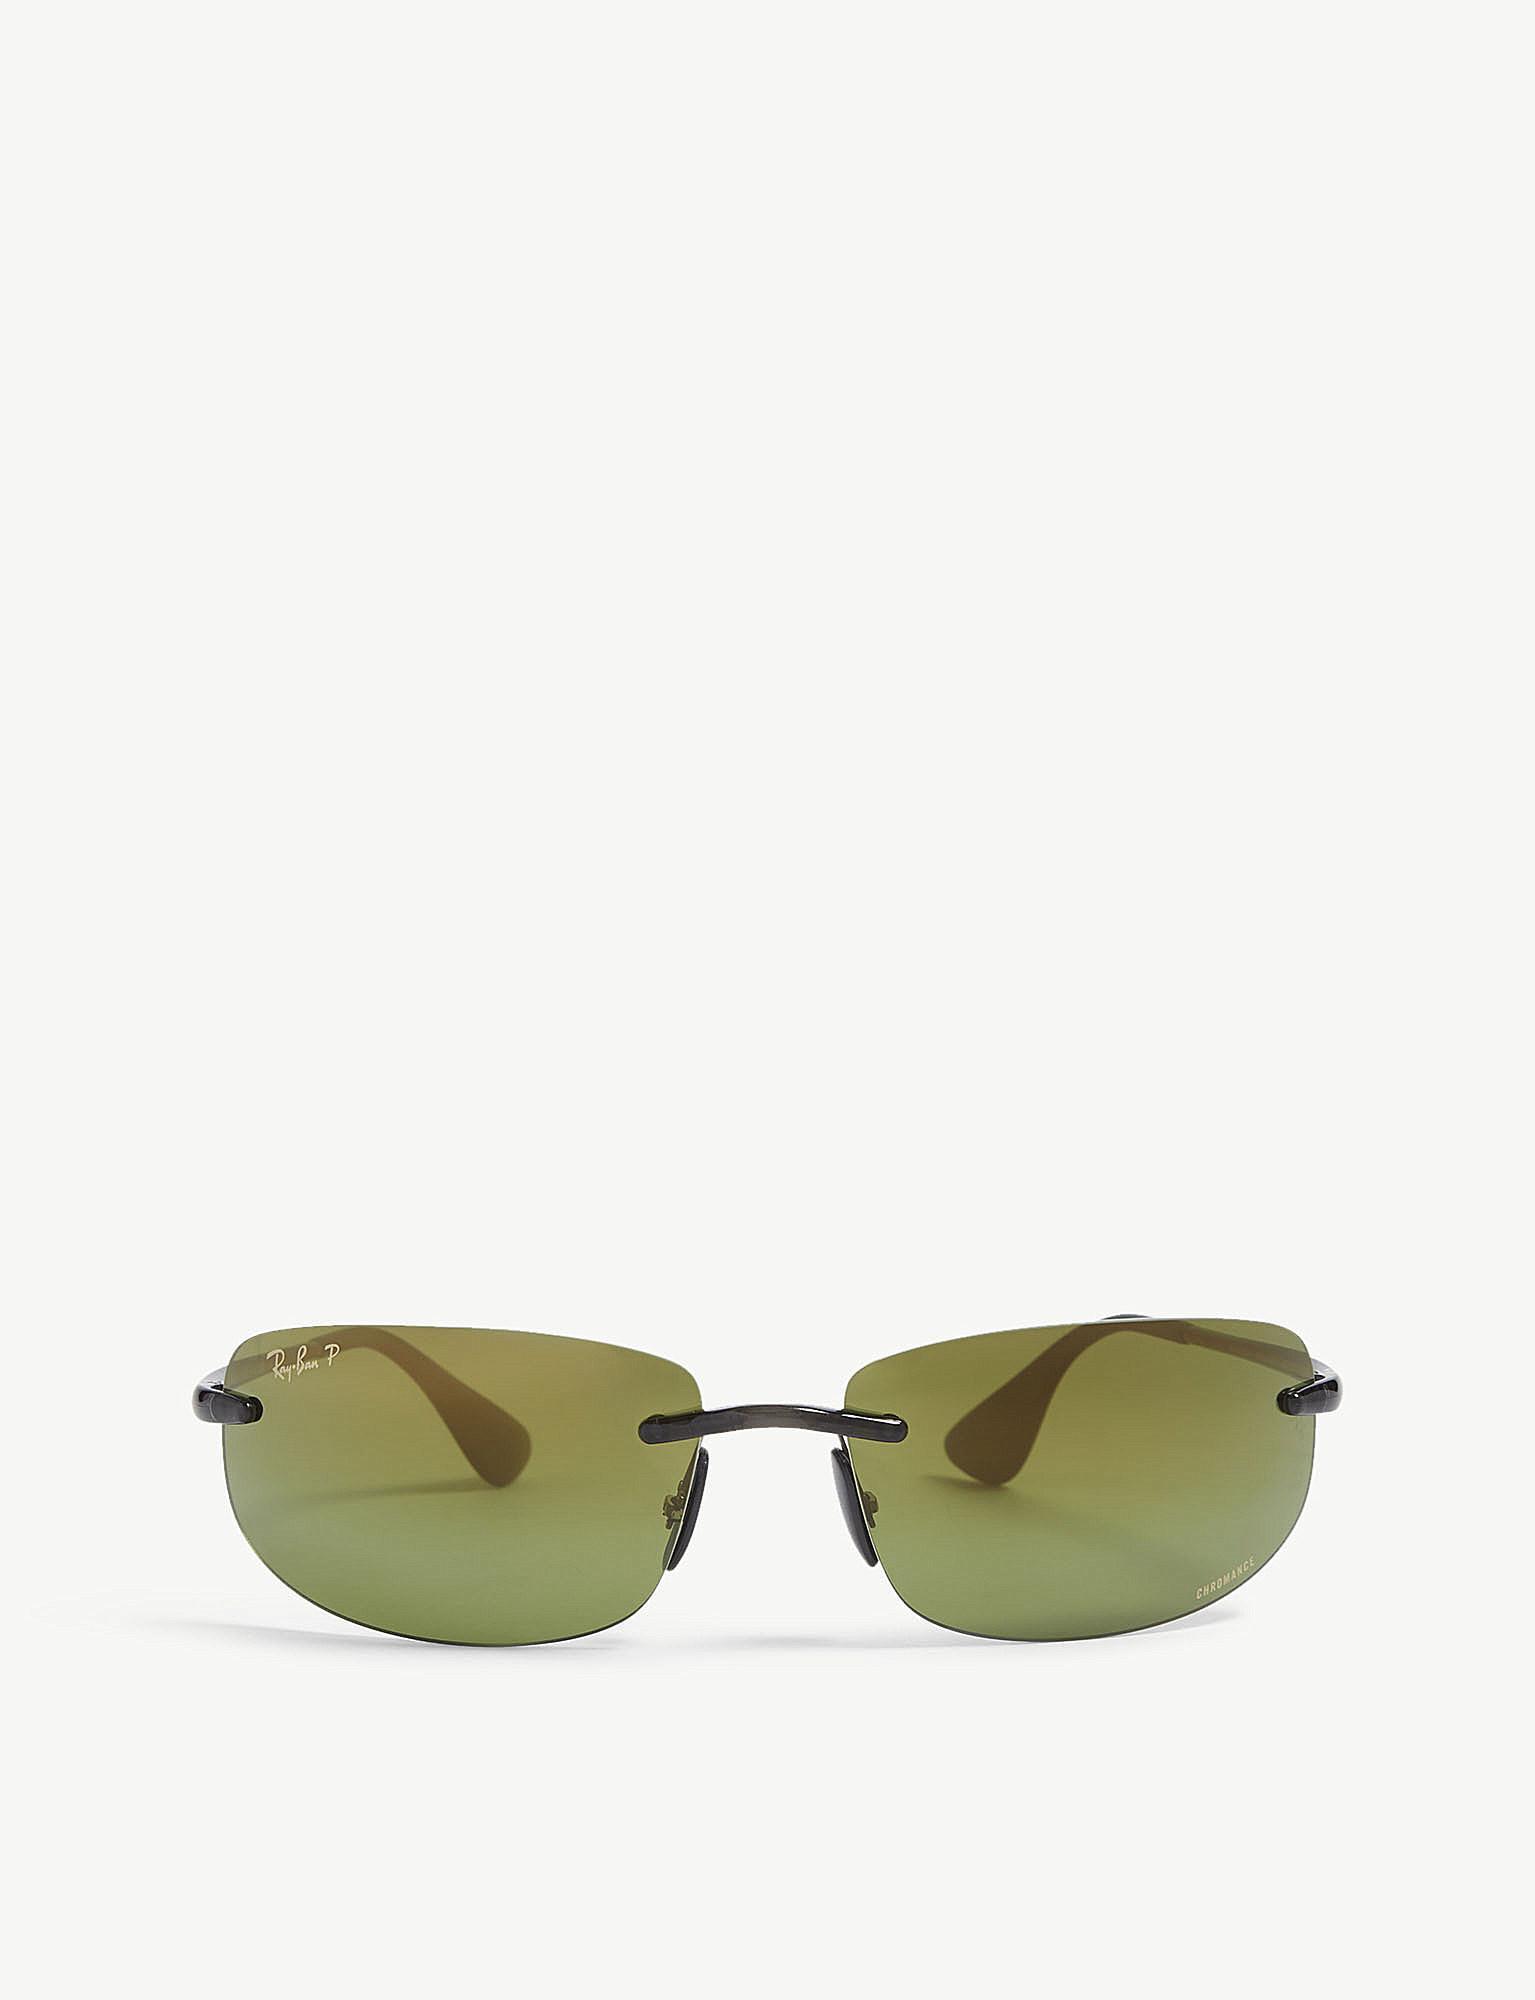 acd4e8df90 Ray-Ban Rb4254 Chromance® Rectangular Sunglasses in Gray for Men - Lyst